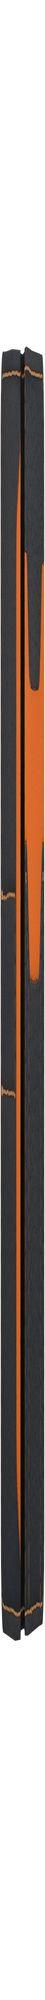 Автобумажник Hakuna Matata, черный с оранжевым